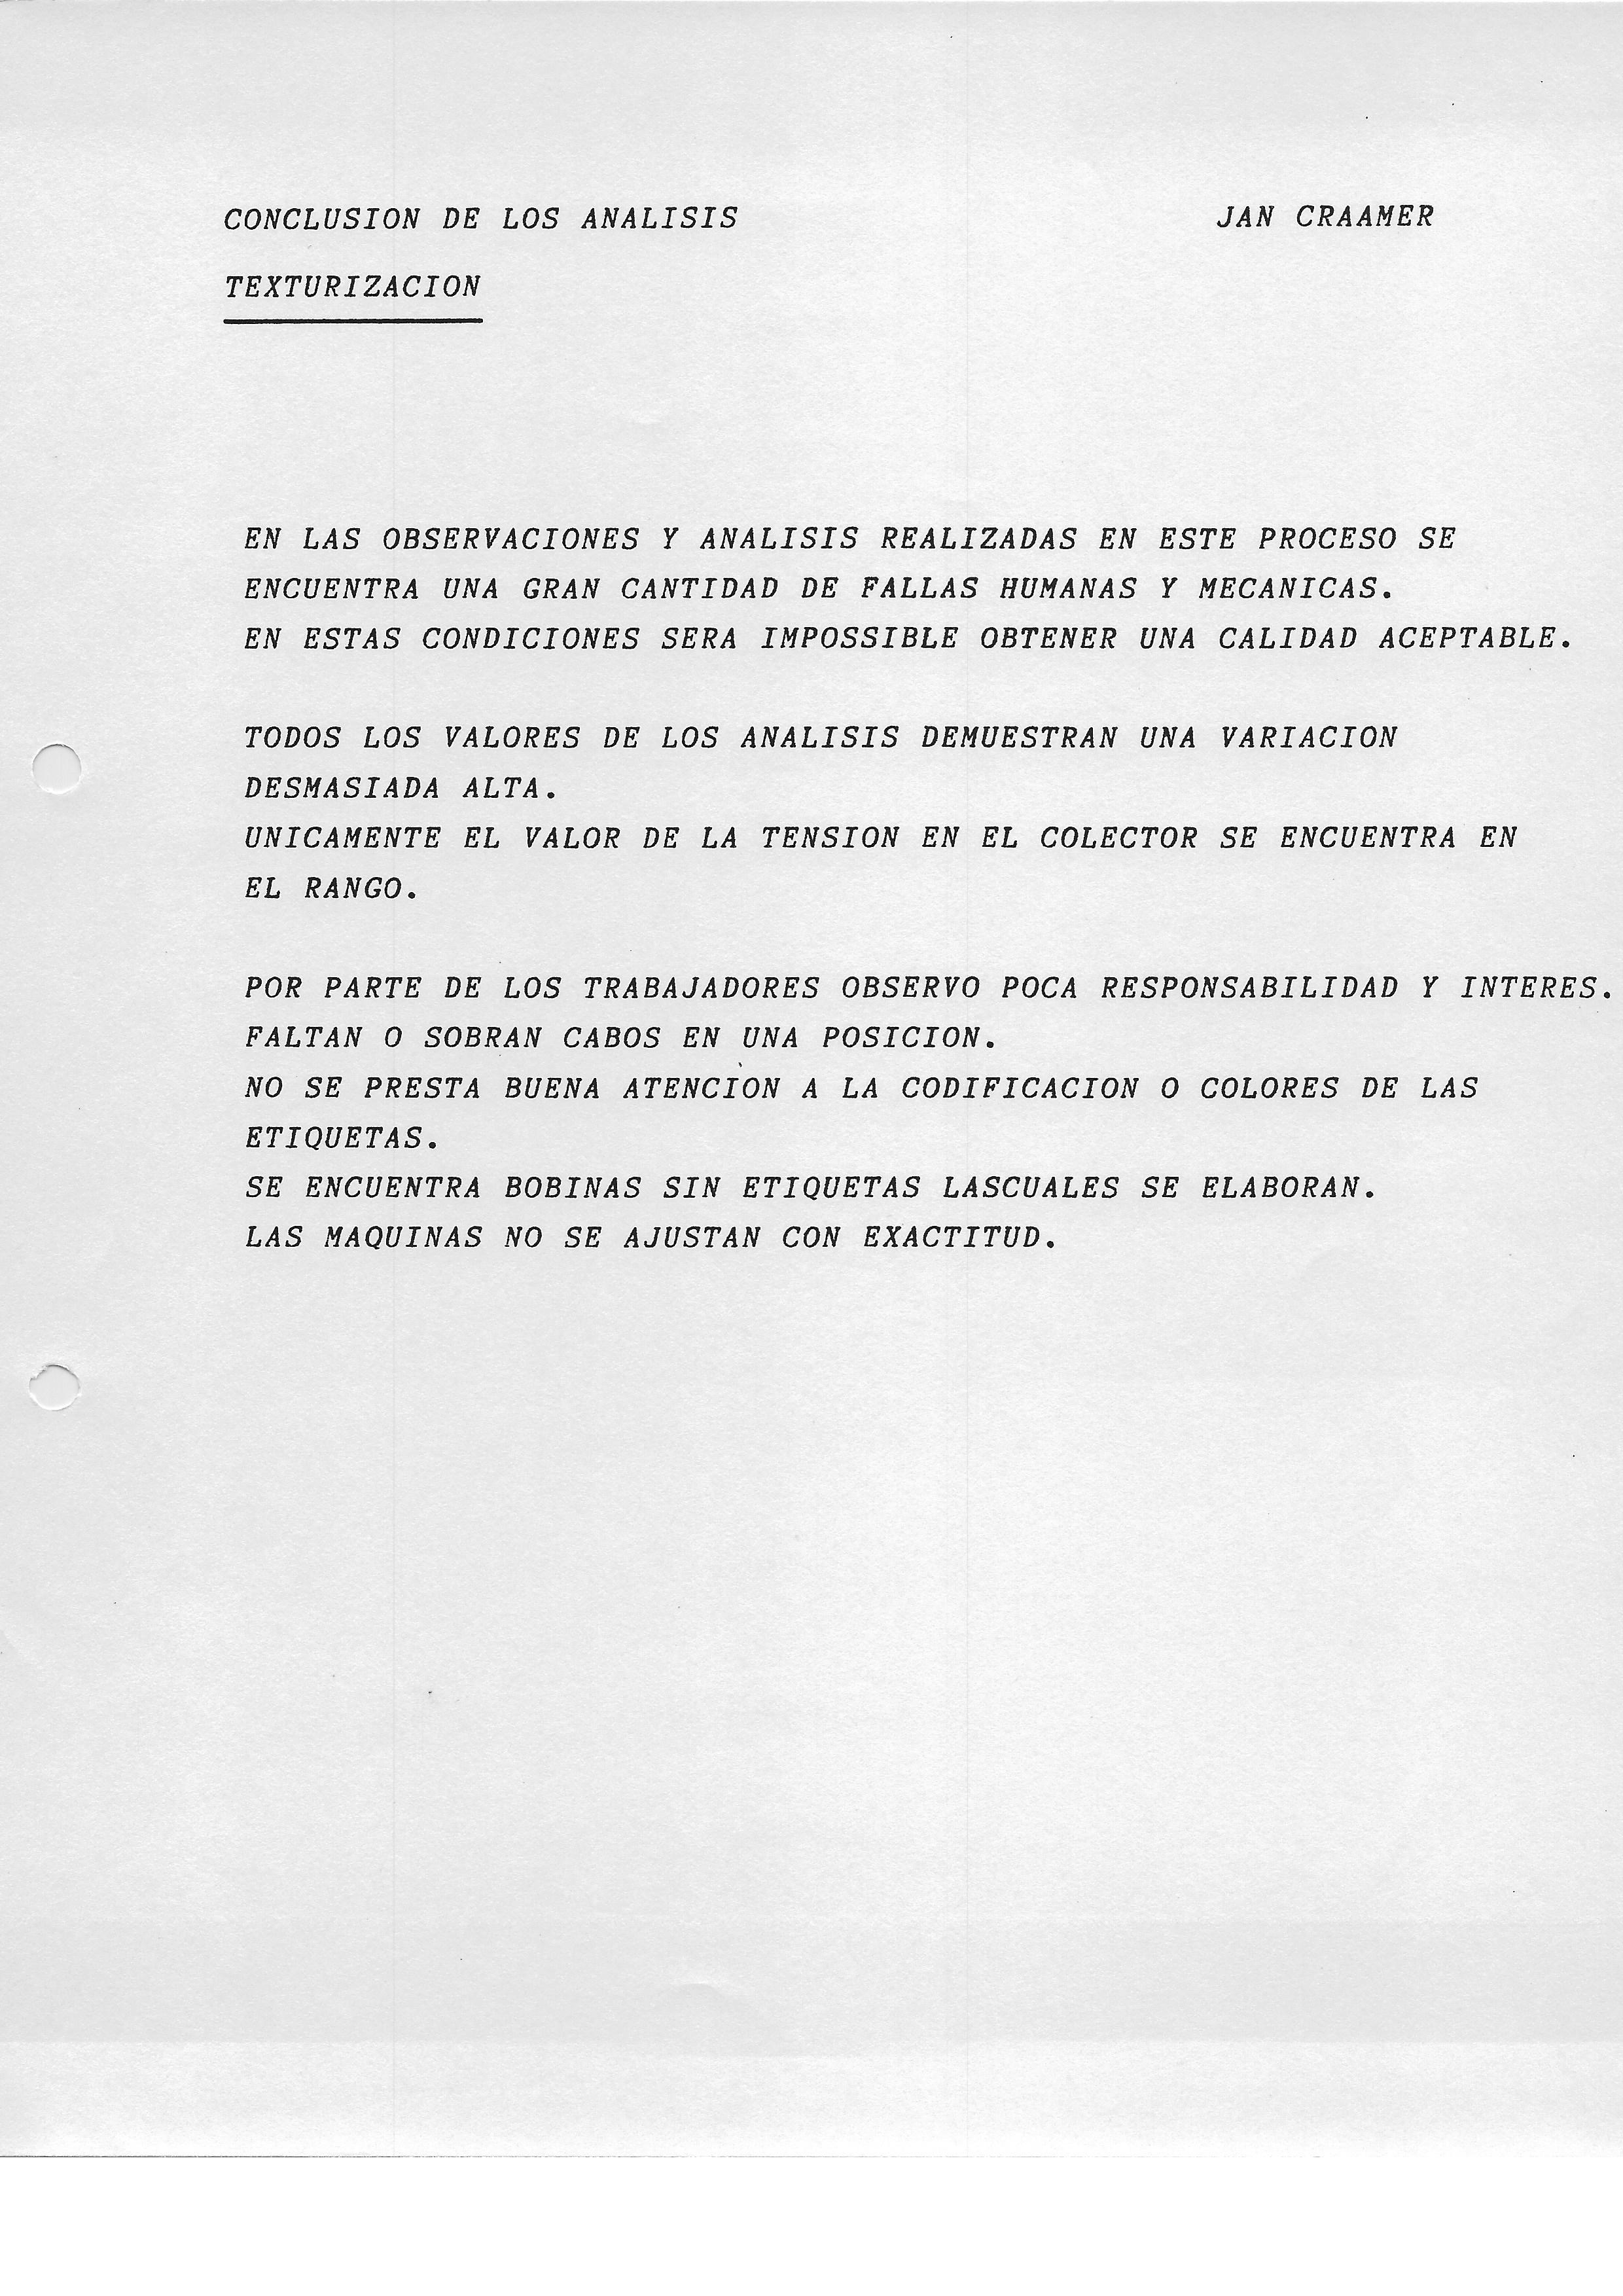 BFC-conclusion [8]